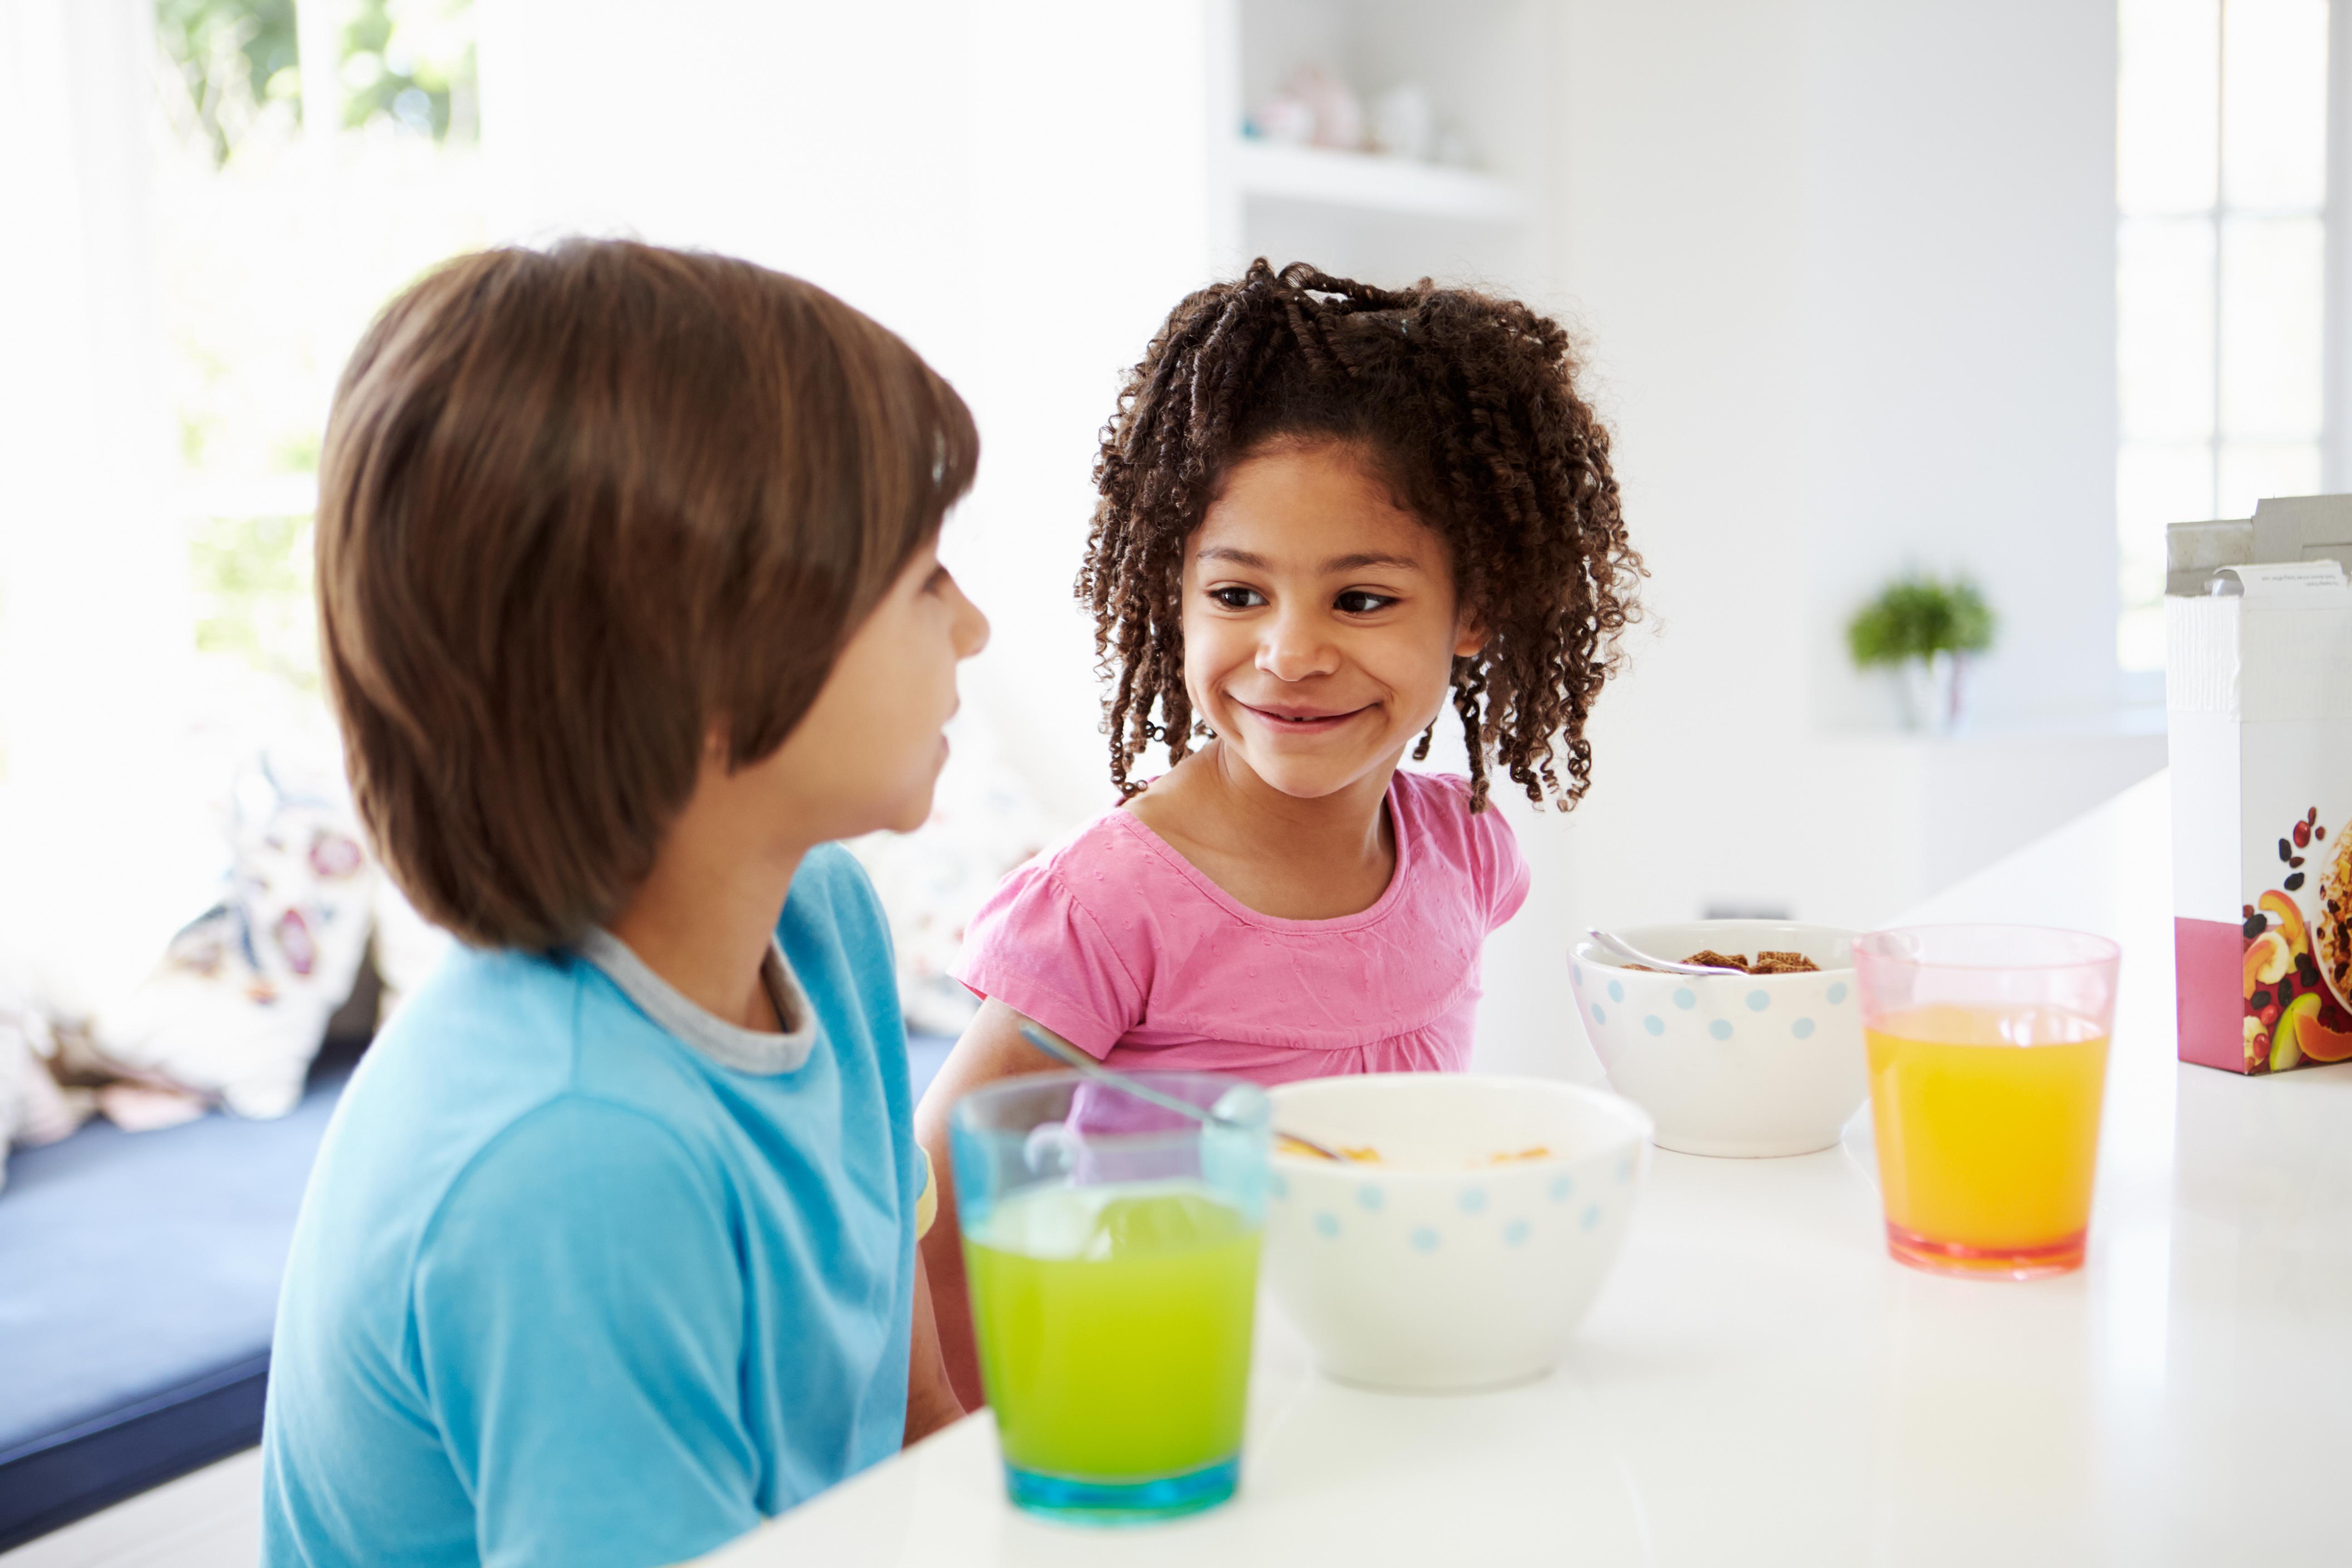 Resultaten visade att barnen i interventionsgrupp hade en signifikant minskning i intag av onyttig mat och dryck jämfört med de i kontrollgruppen.